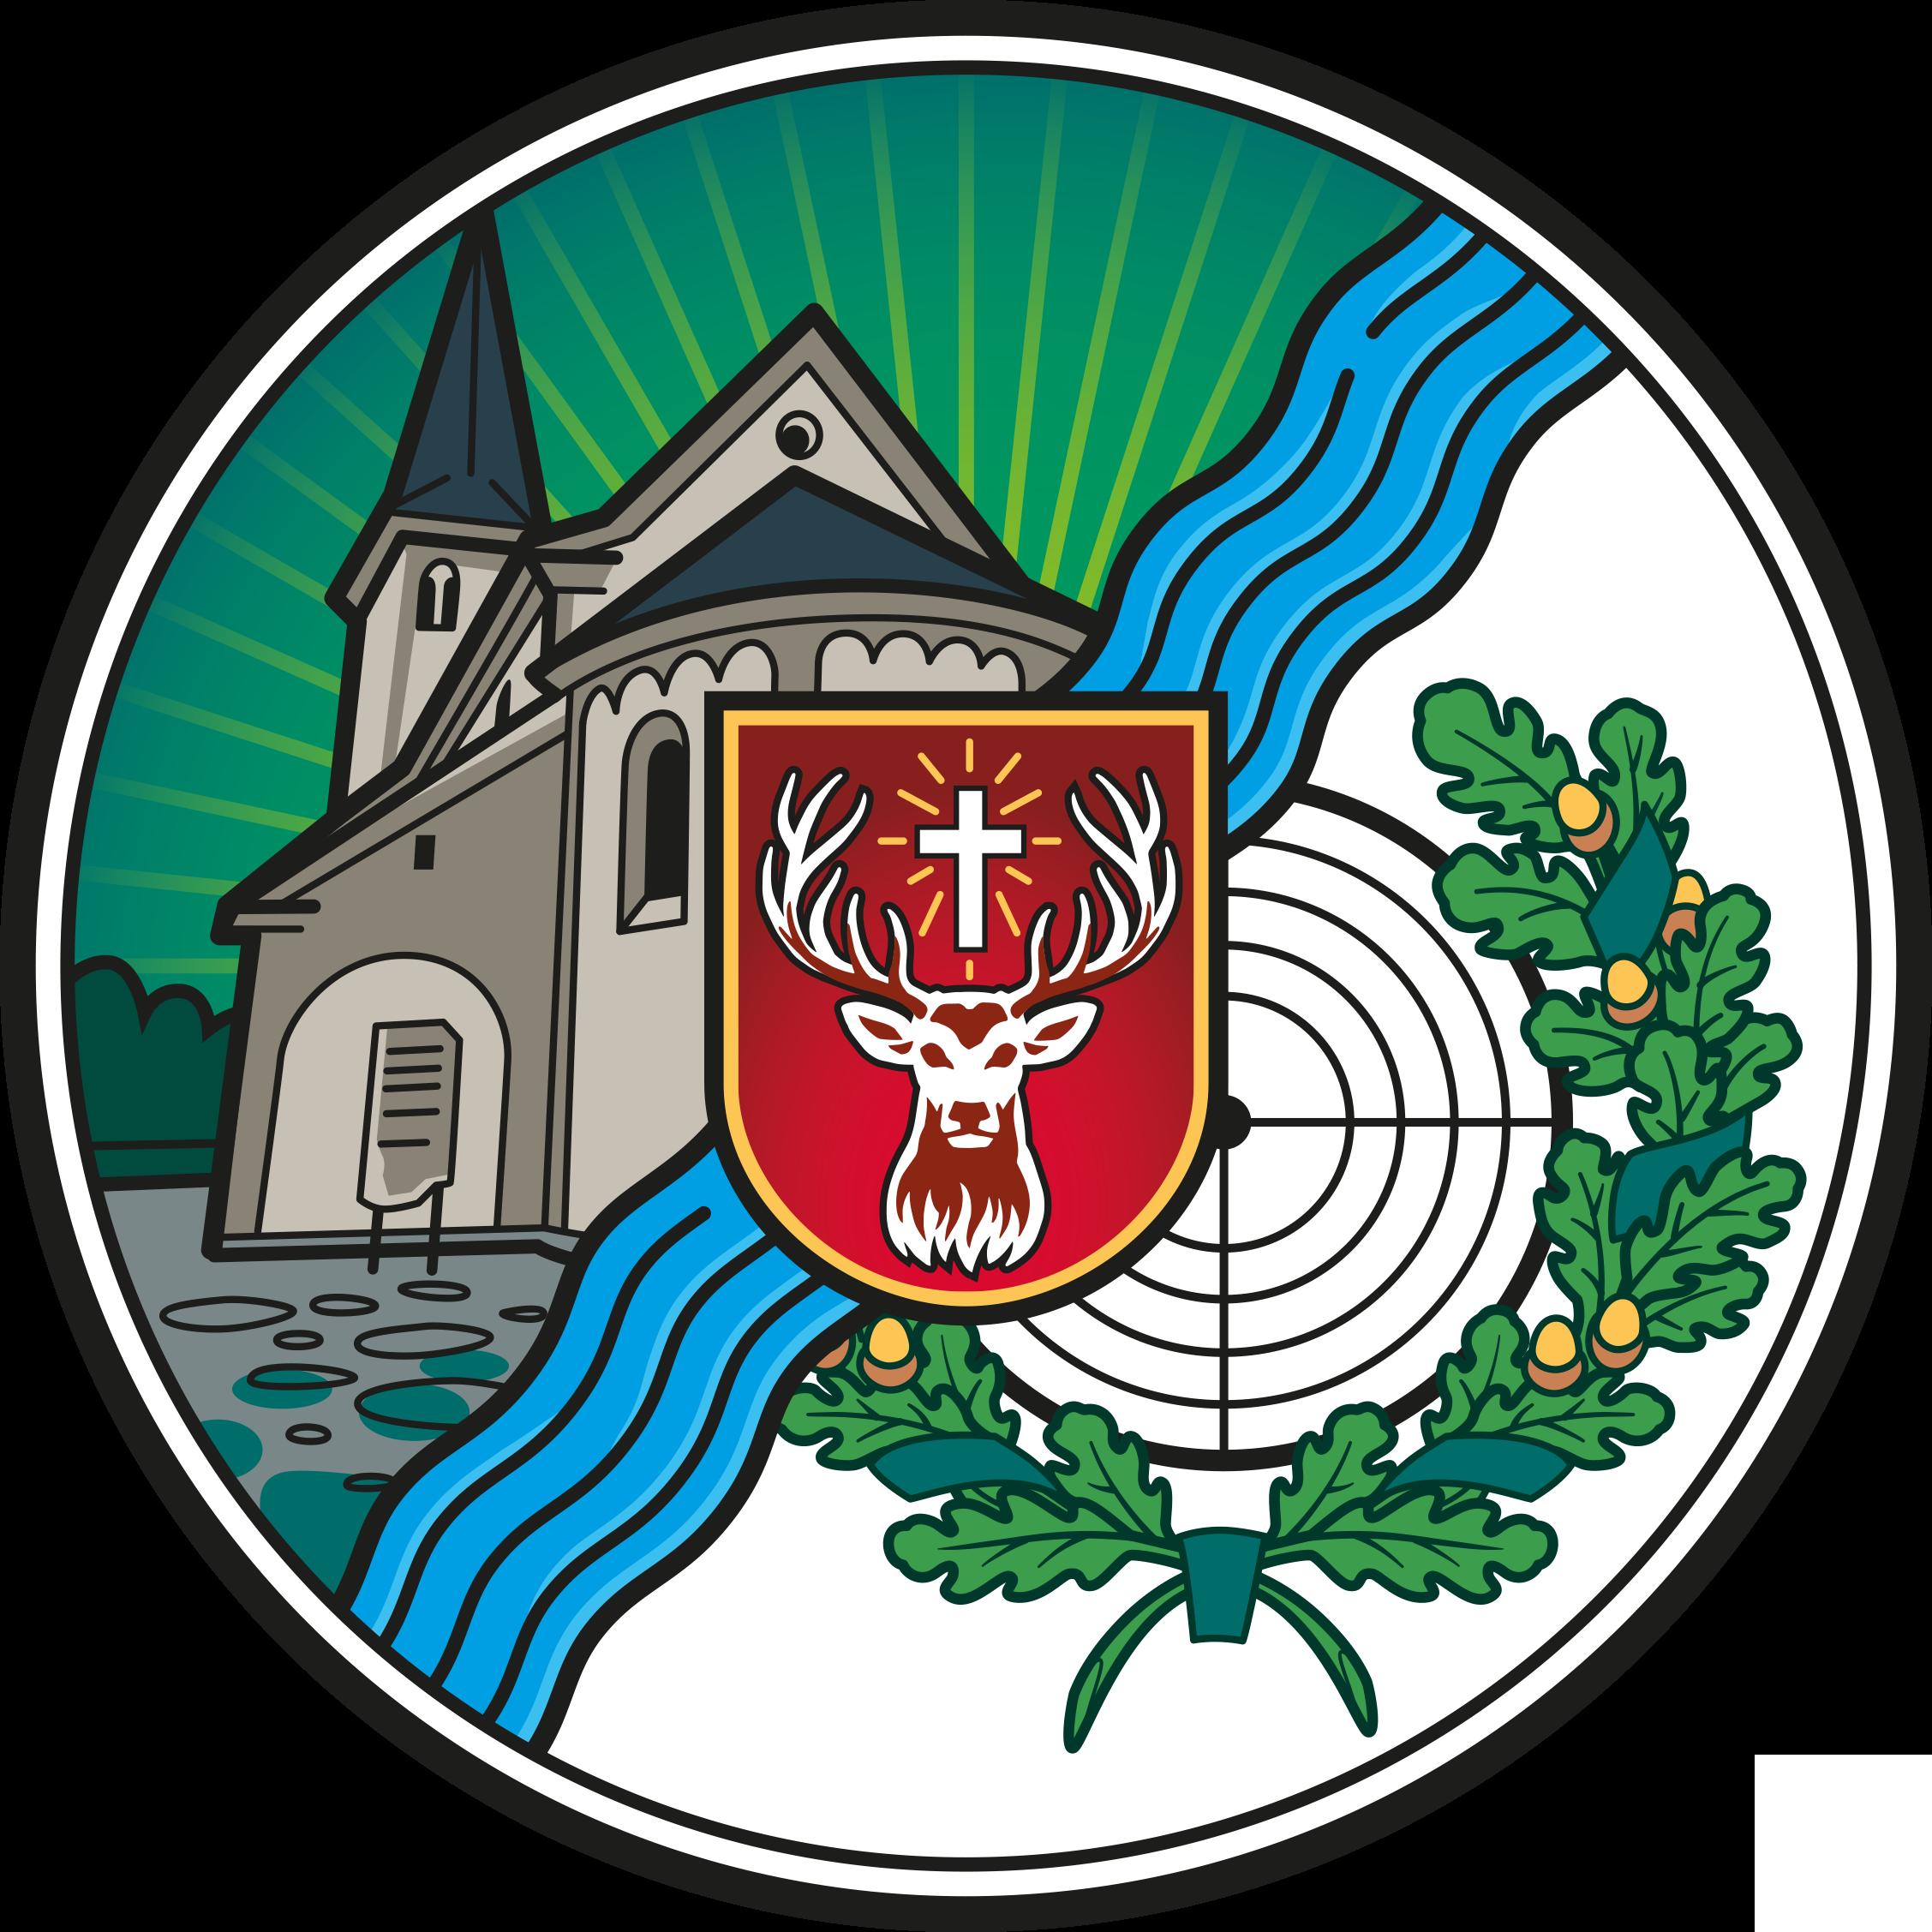 St. Hubertus Schützenbruderschaft Itter Logo